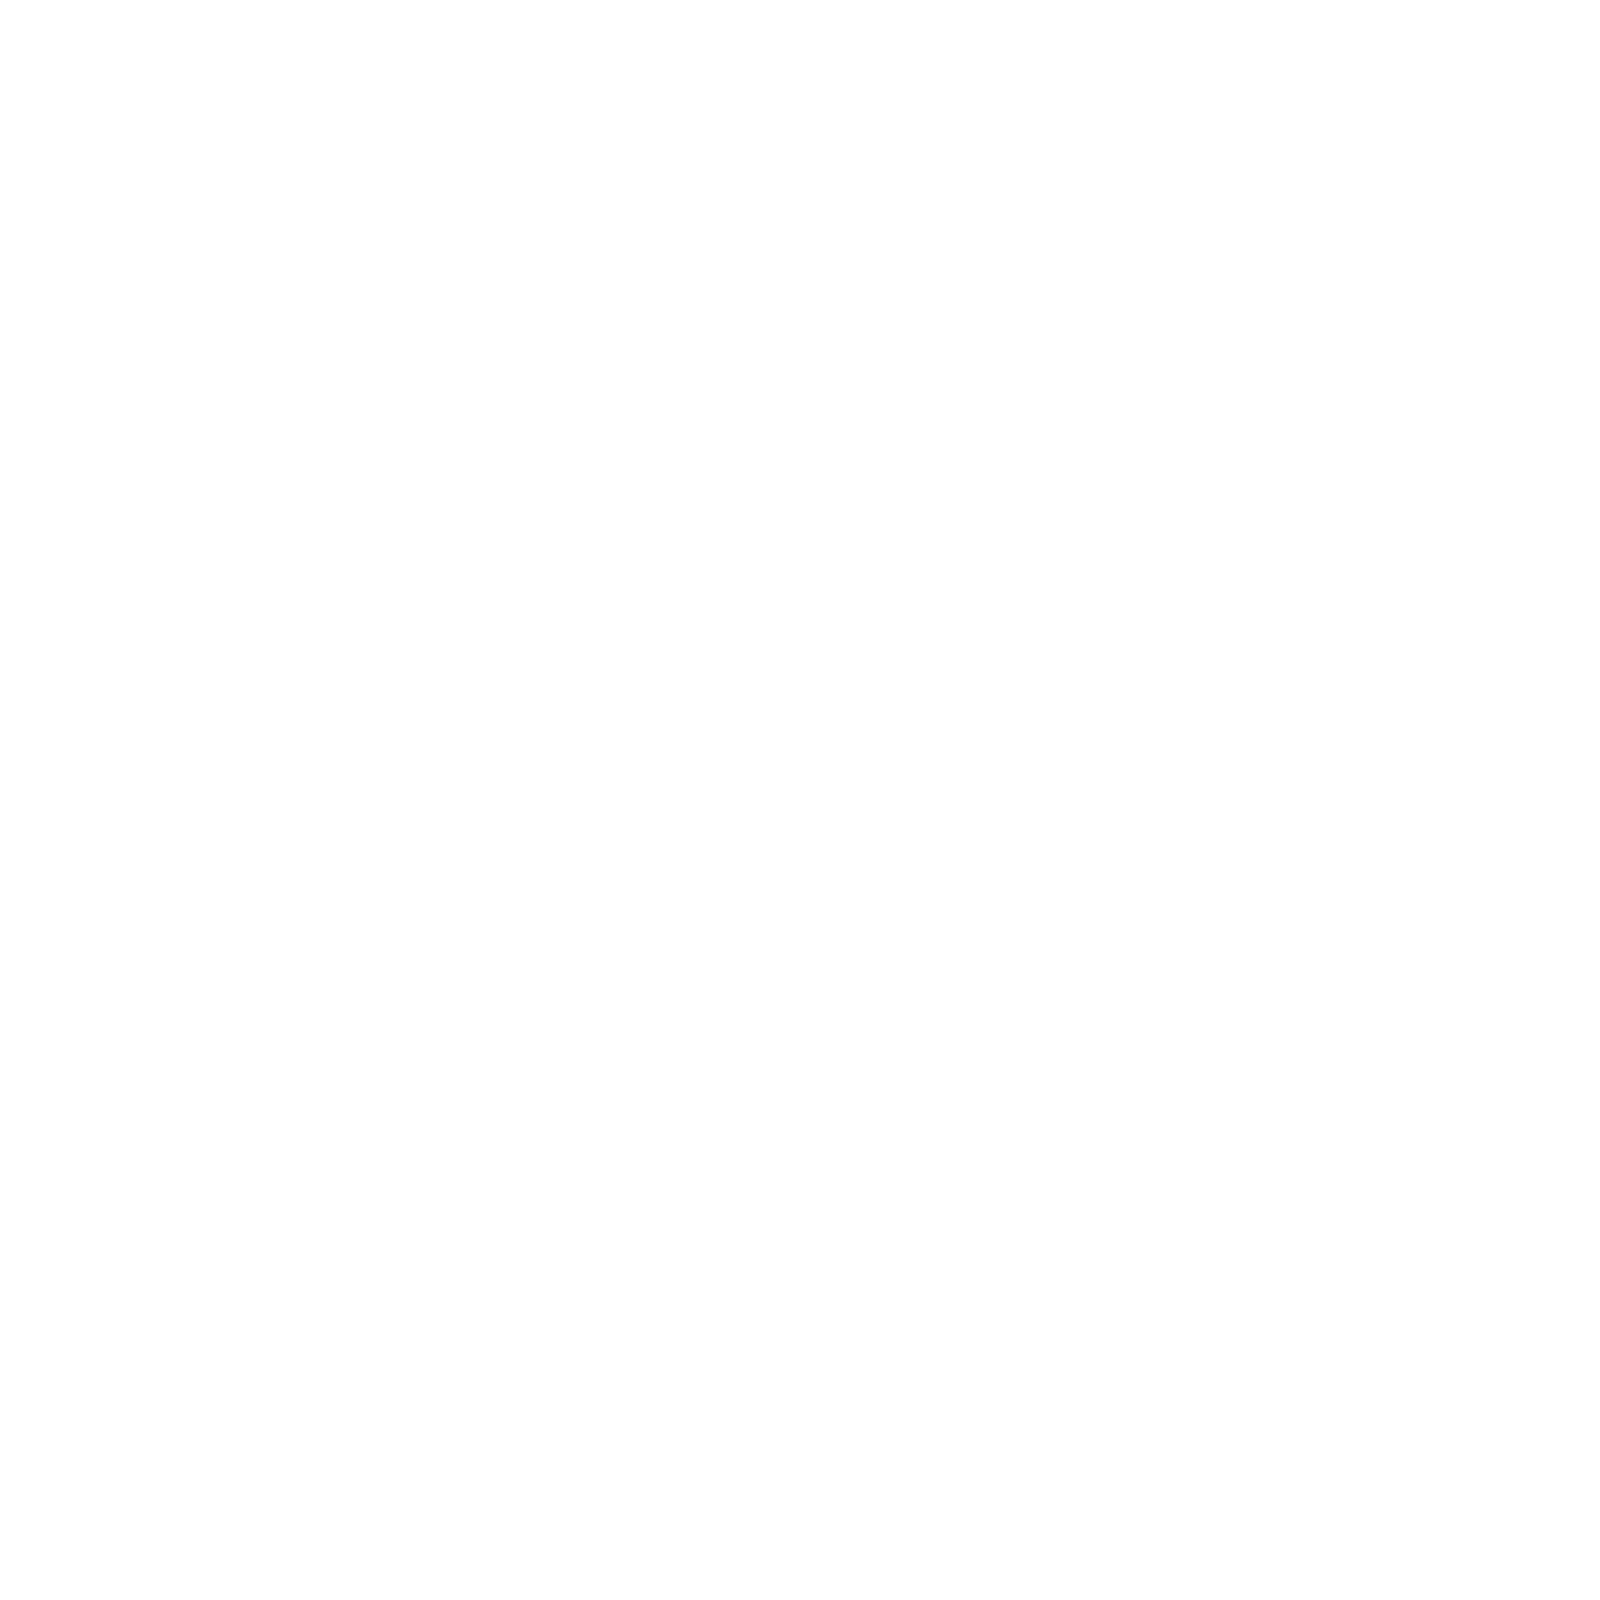 westfield-project-logo